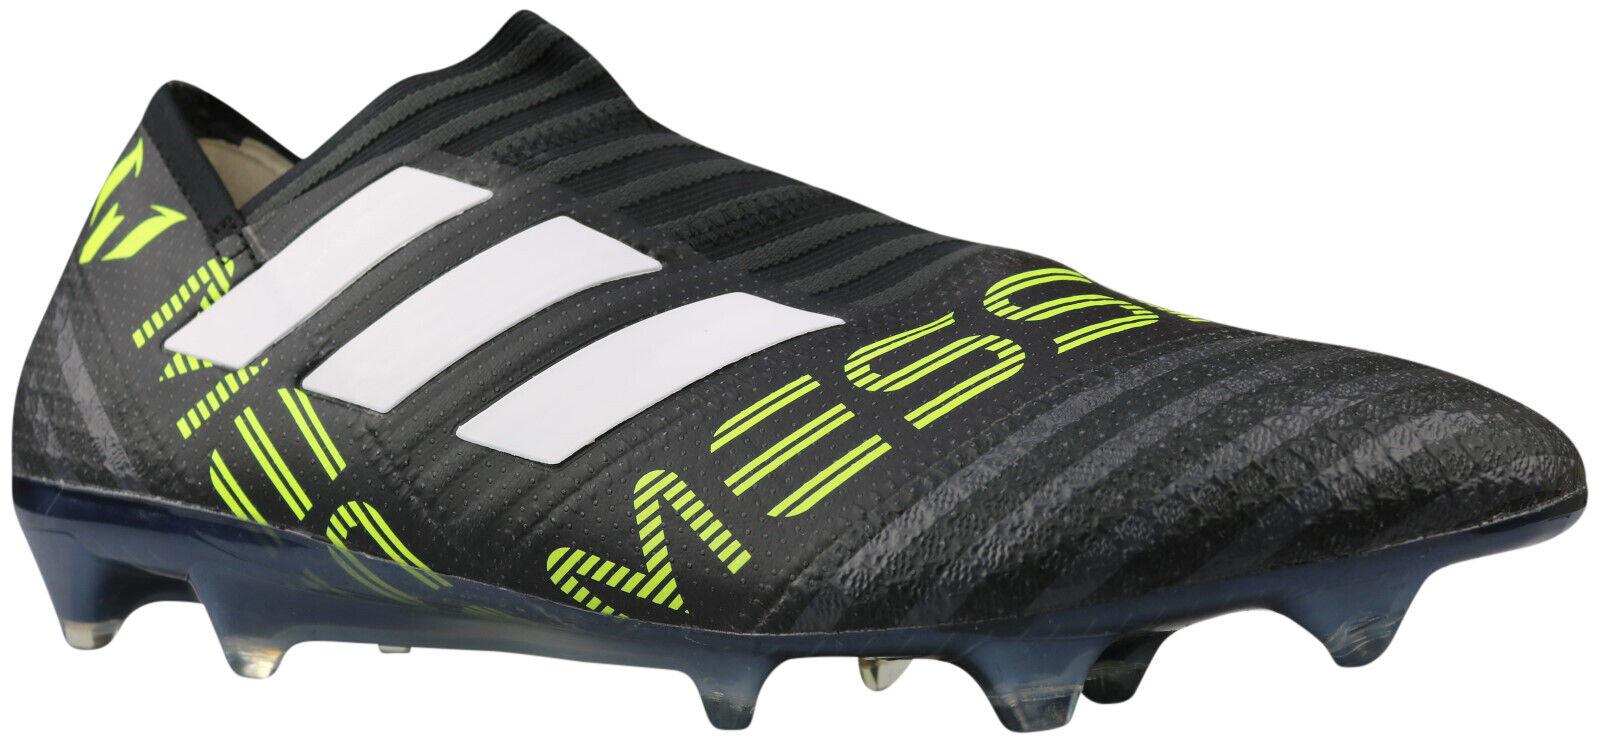 ADIDAS nemeziz MESSI DI B.... 17 360 AGILITY FG scarpe calcio camme cg2960 Taglia 42  45 NUOVO